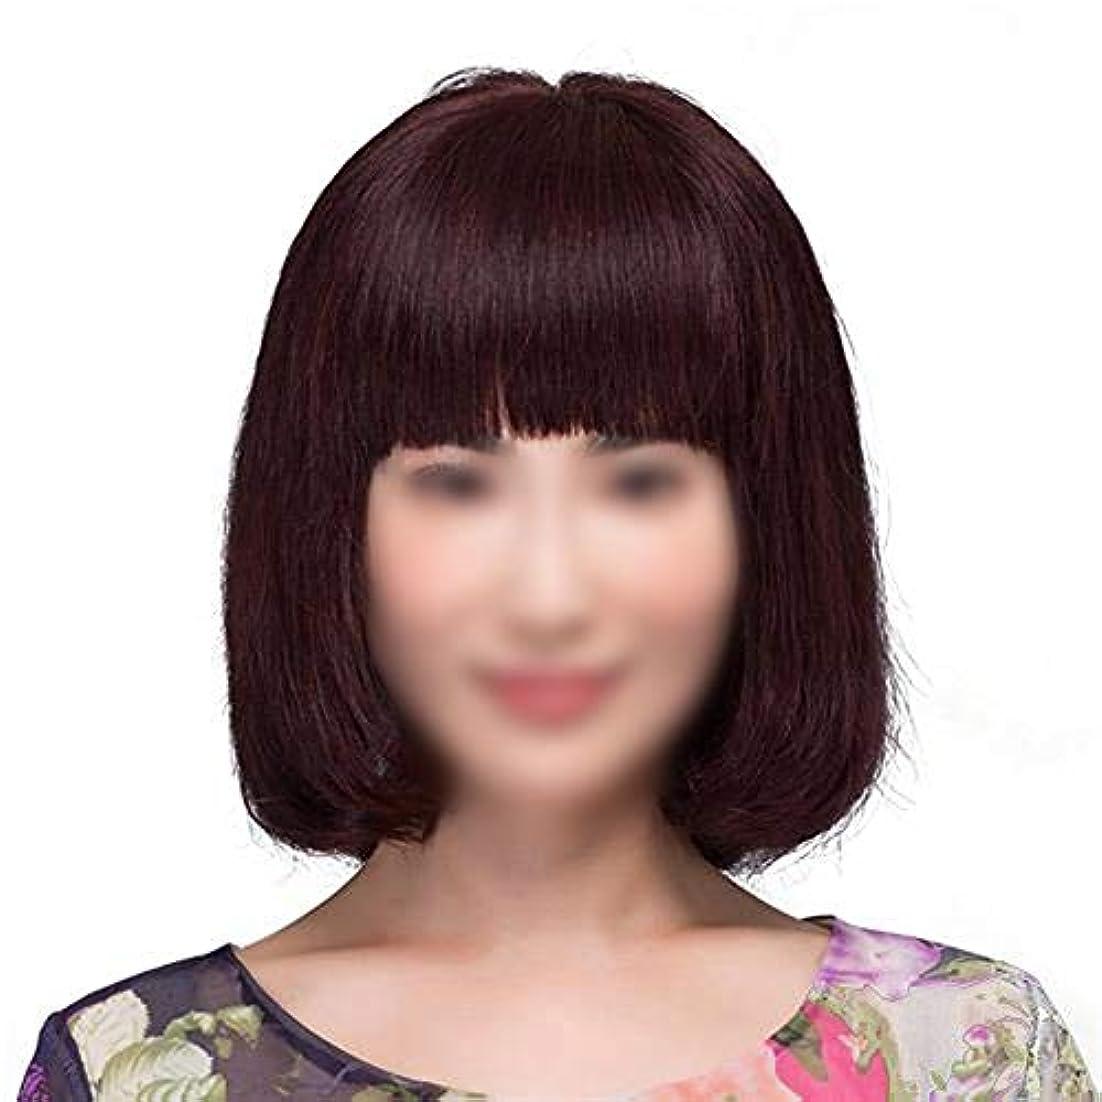 召集する警察毒液YOUQIU 女子ショートストレートヘアーボブウィッグレアル髪ふわふわナチュラル鎖骨Hairdailyドレスウィッグ (色 : Dark brown)